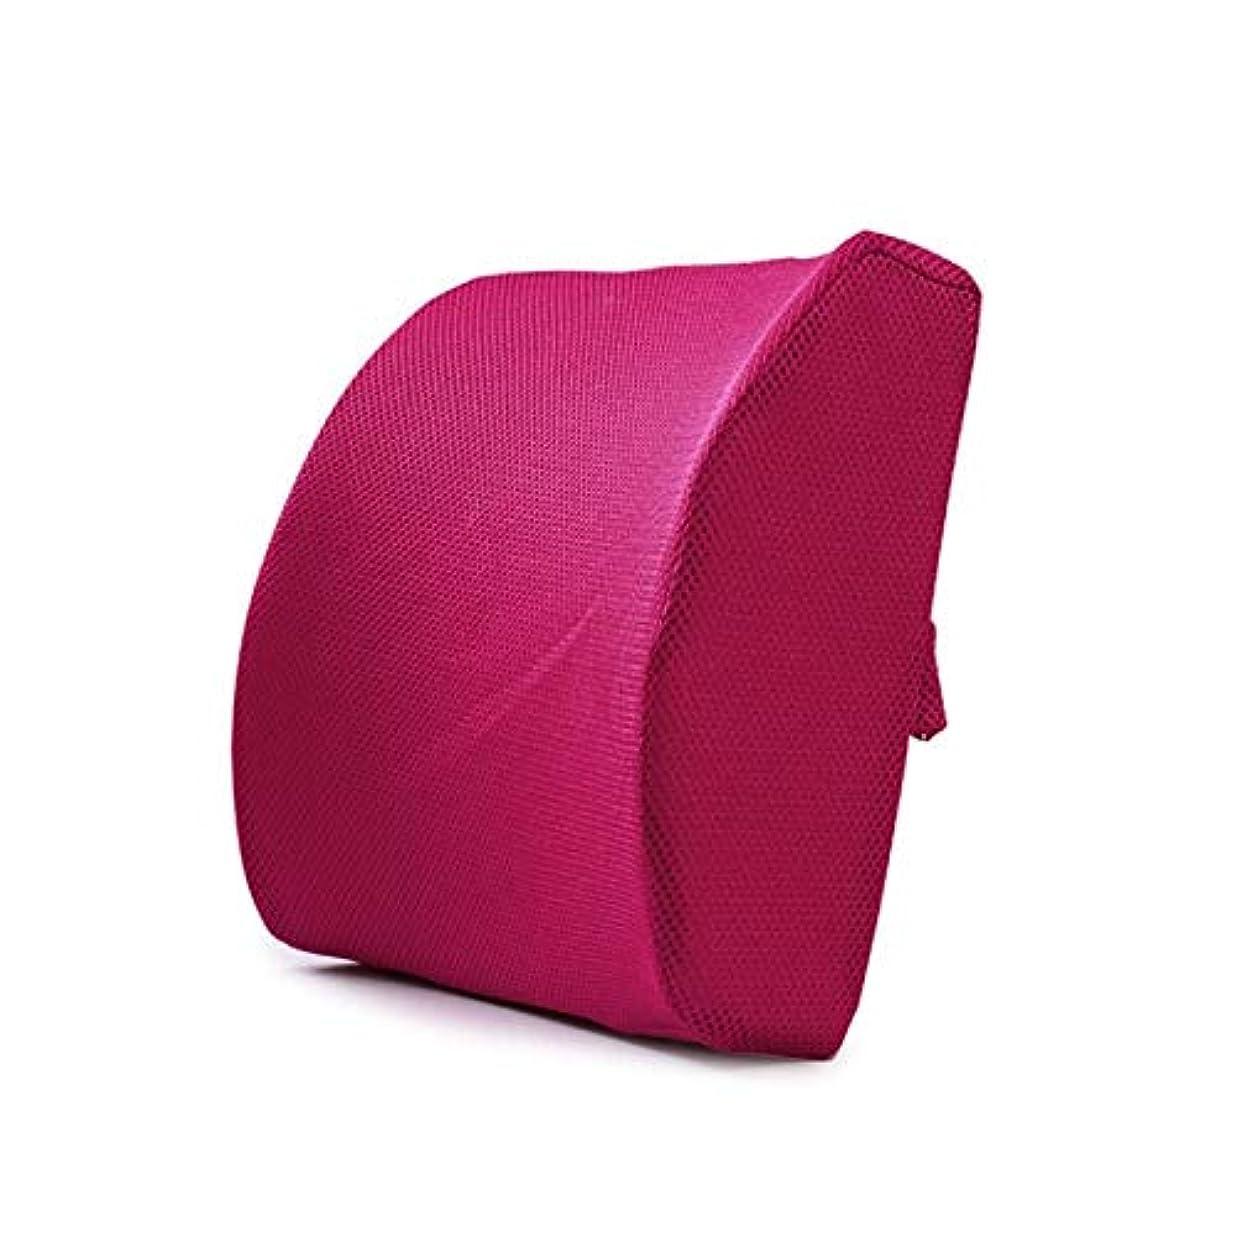 学者命題被るLIFE ホームオフィス背もたれ椅子腰椎クッションカーシートネック枕 3D 低反発サポートバックマッサージウエストレスリビング枕 クッション 椅子